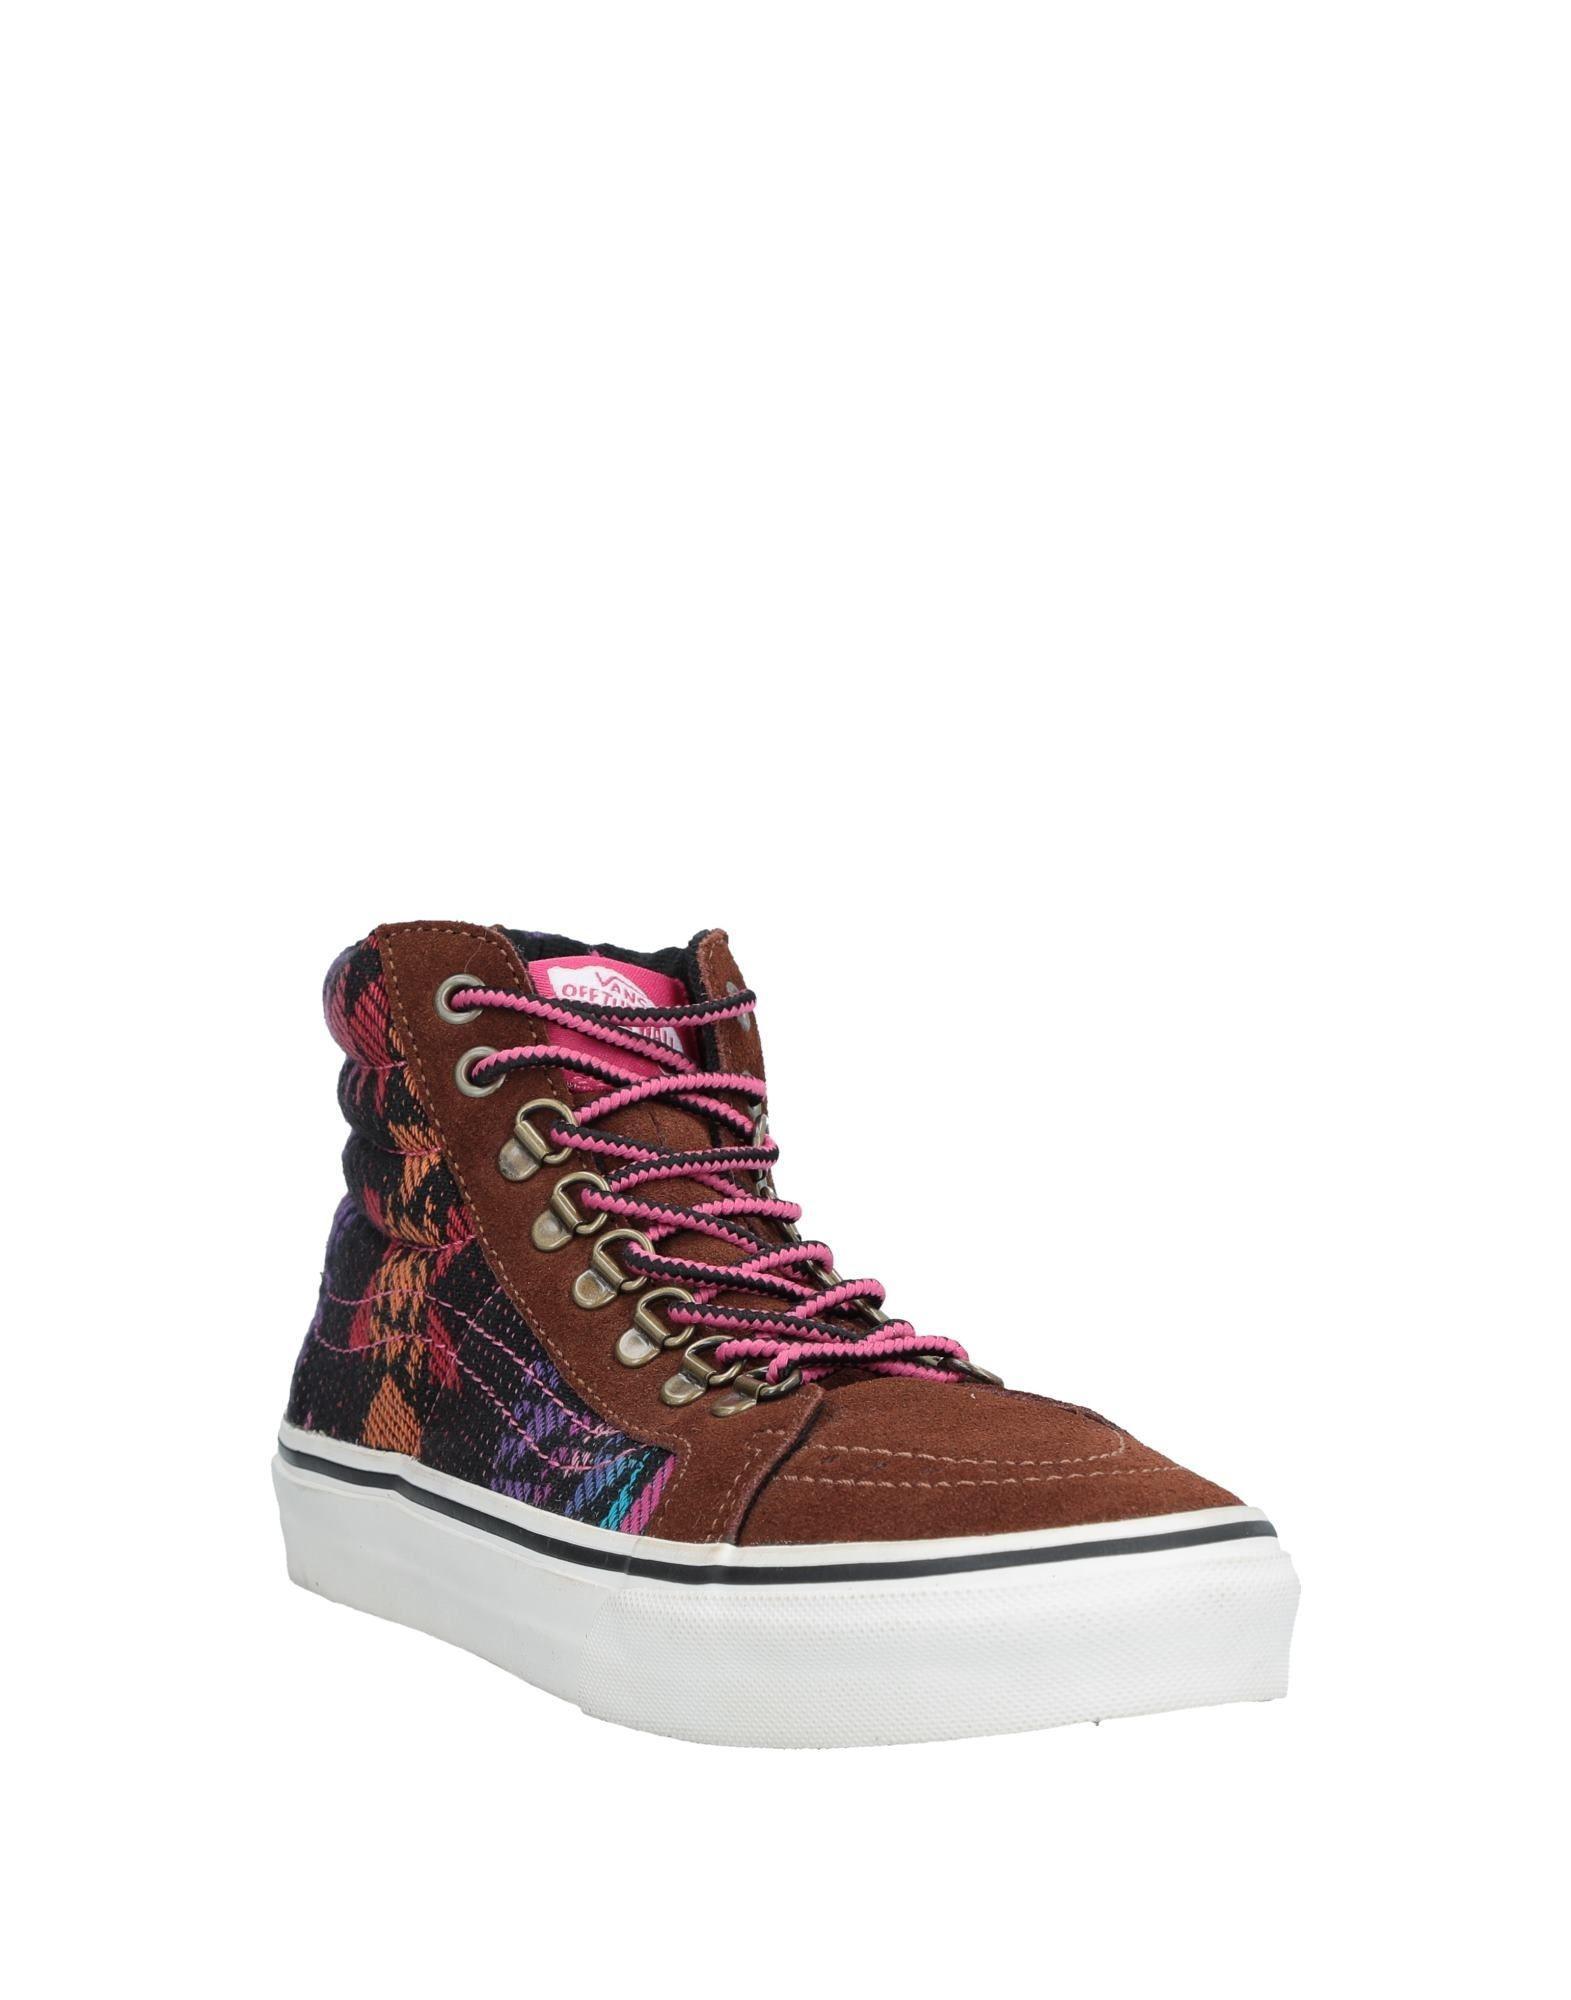 Vans Suede High-tops & Sneakers in Cocoa (Brown)